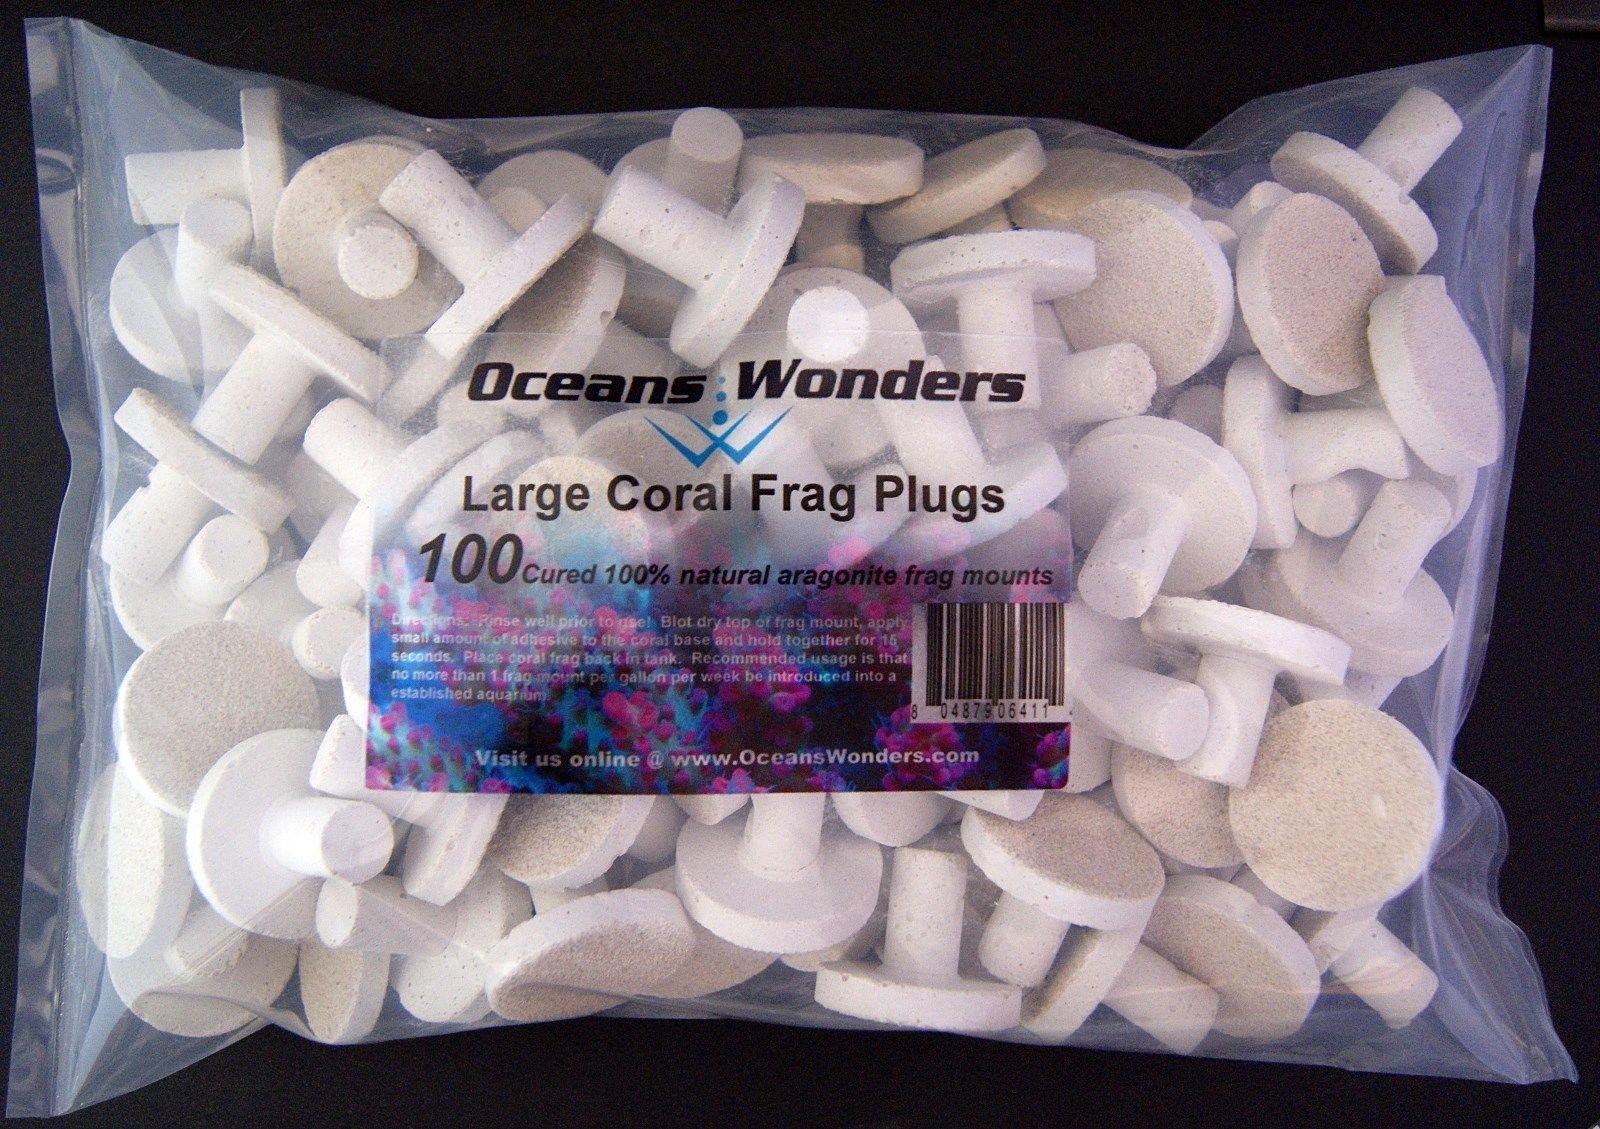 Oceans Wonders Large Coral Frag Plugs 100pc by Oceans Wonders